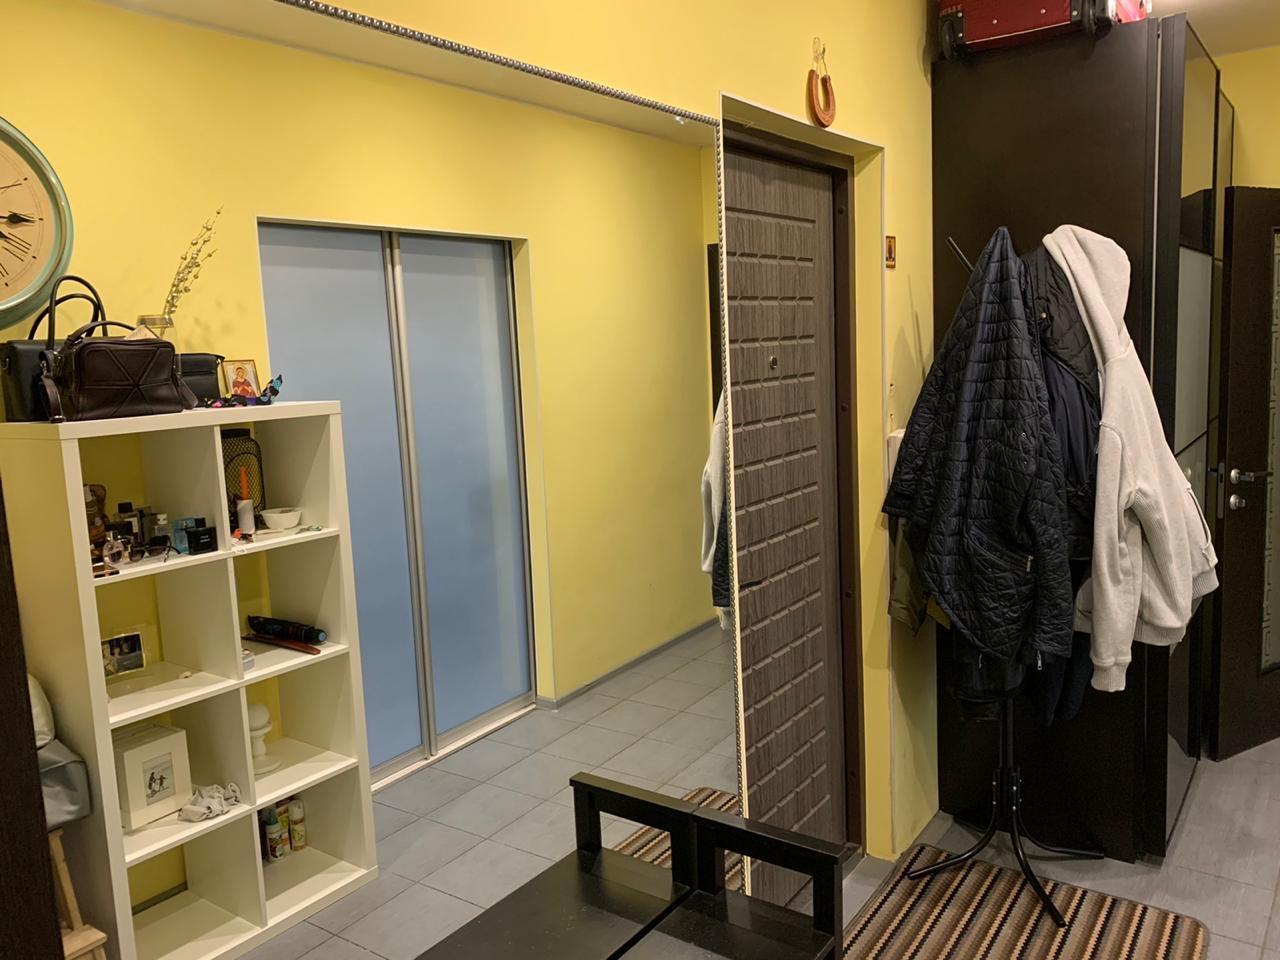 2к квартира улица Водопьянова, 9 | 25000 | аренда в Красноярске фото 3